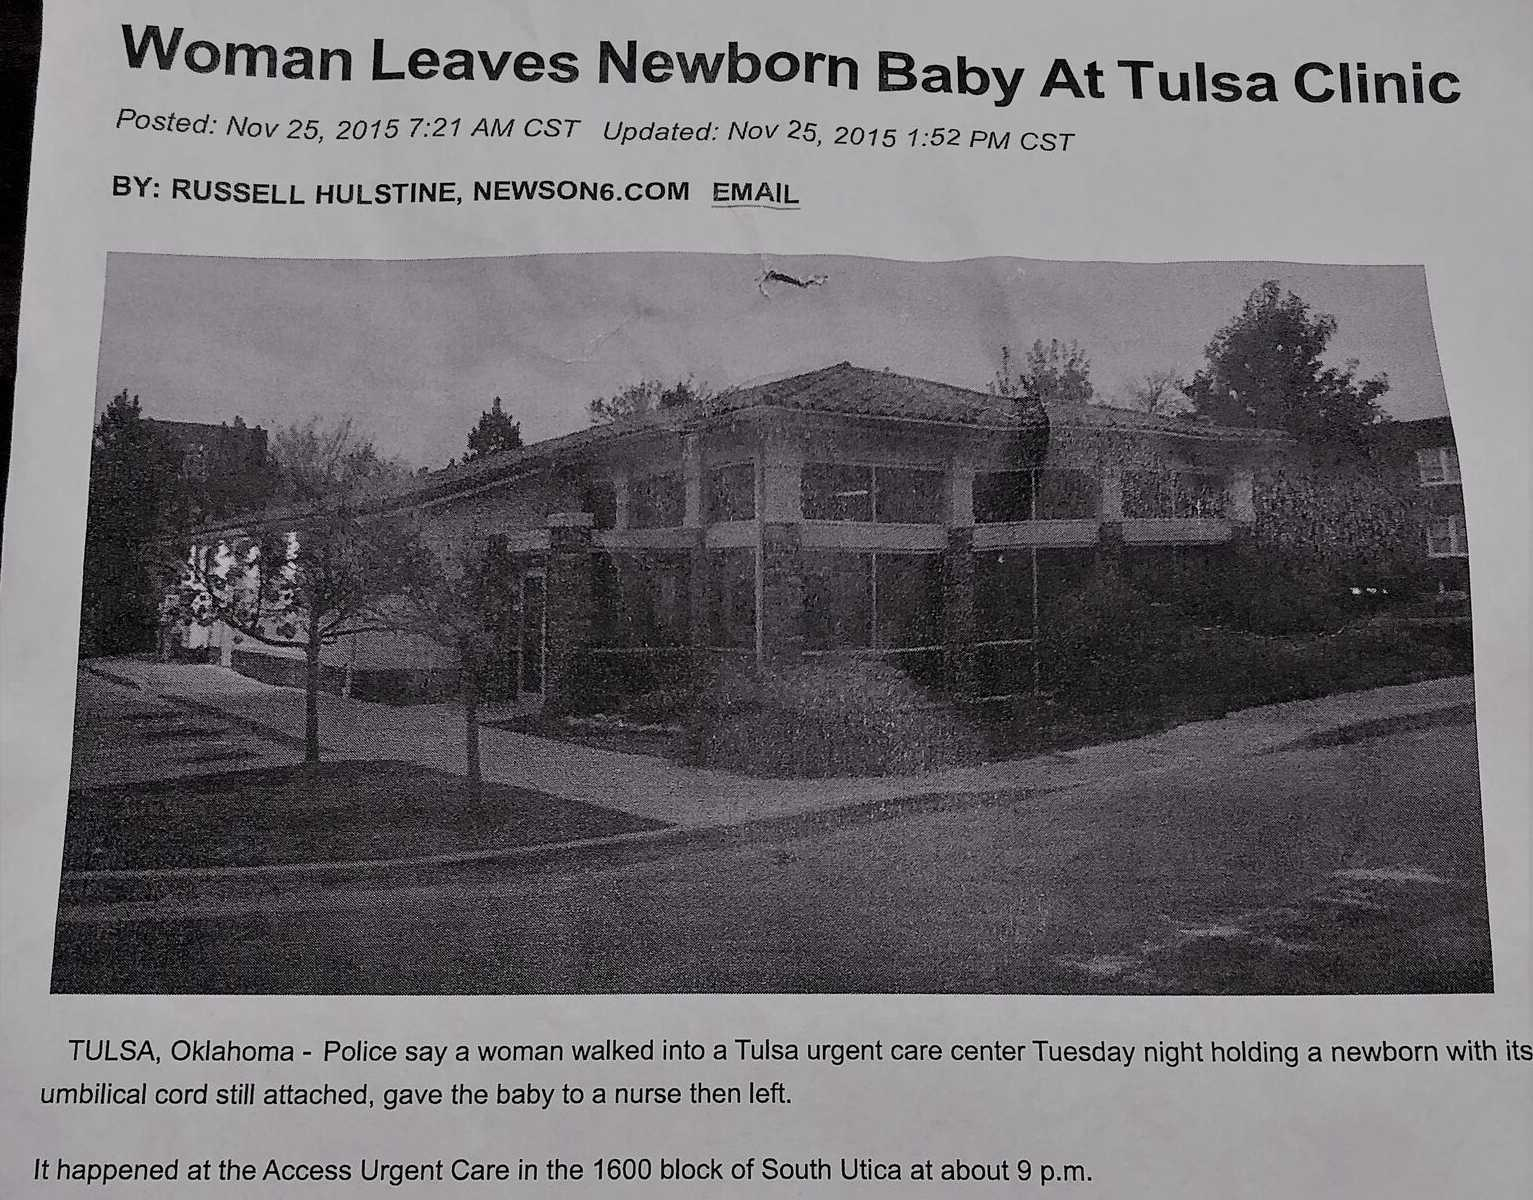 notícia jornal bebê deixado hospital cordão umbilical intacto